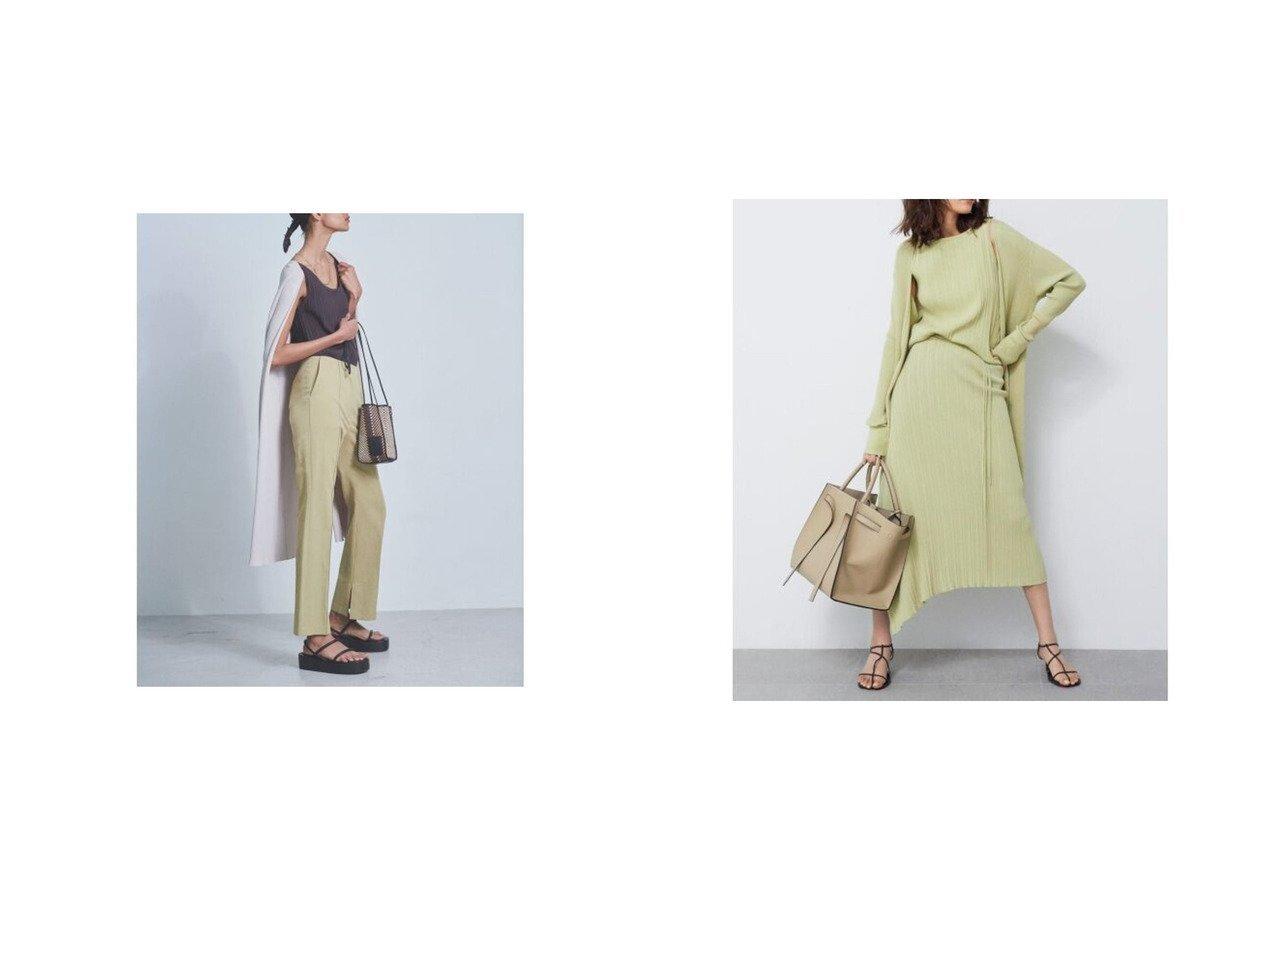 【Mila Owen/ミラオーウェン】の3点setリブニットカーディガン 【トップス・カットソー】おすすめ!人気、トレンド・レディースファッションの通販 おすすめで人気の流行・トレンド、ファッションの通販商品 インテリア・家具・メンズファッション・キッズファッション・レディースファッション・服の通販 founy(ファニー) https://founy.com/ ファッション Fashion レディースファッション WOMEN トップス・カットソー Tops/Tshirt ニット Knit Tops カーディガン Cardigans インナー 春 Spring カーディガン キャミ スマート スリット ロング 2021年 2021 S/S・春夏 SS・Spring/Summer 2021春夏・S/S SS/Spring/Summer/2021 お家時間・ステイホーム Home Time/Stay Home 夏 Summer |ID:crp329100000048319